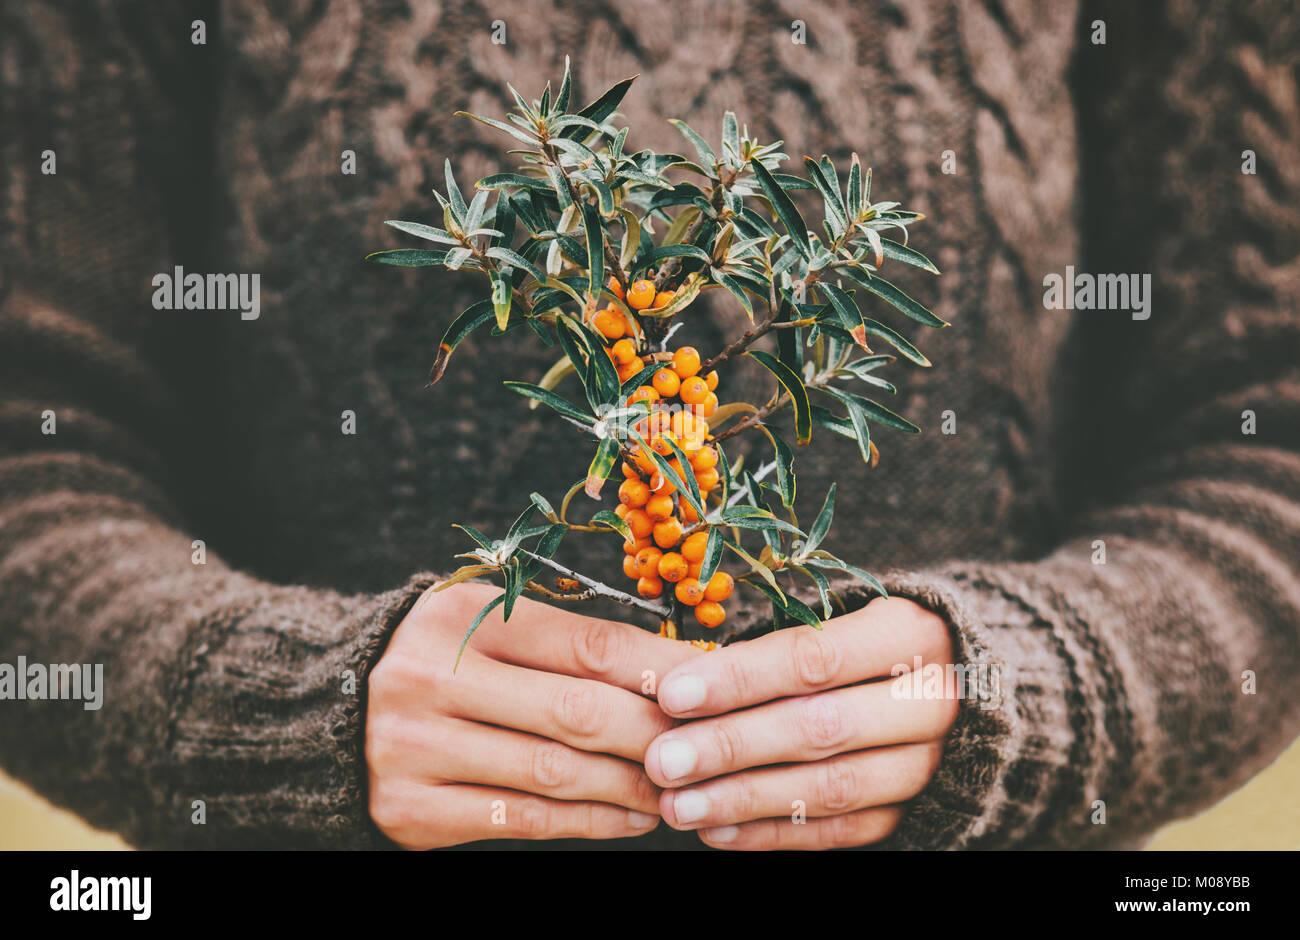 Frau Hände halten Sanddornbeeren Bio Lebensmittel gesunde Lebensweise Pflanze frisch gepflückt gemütliche Stockbild